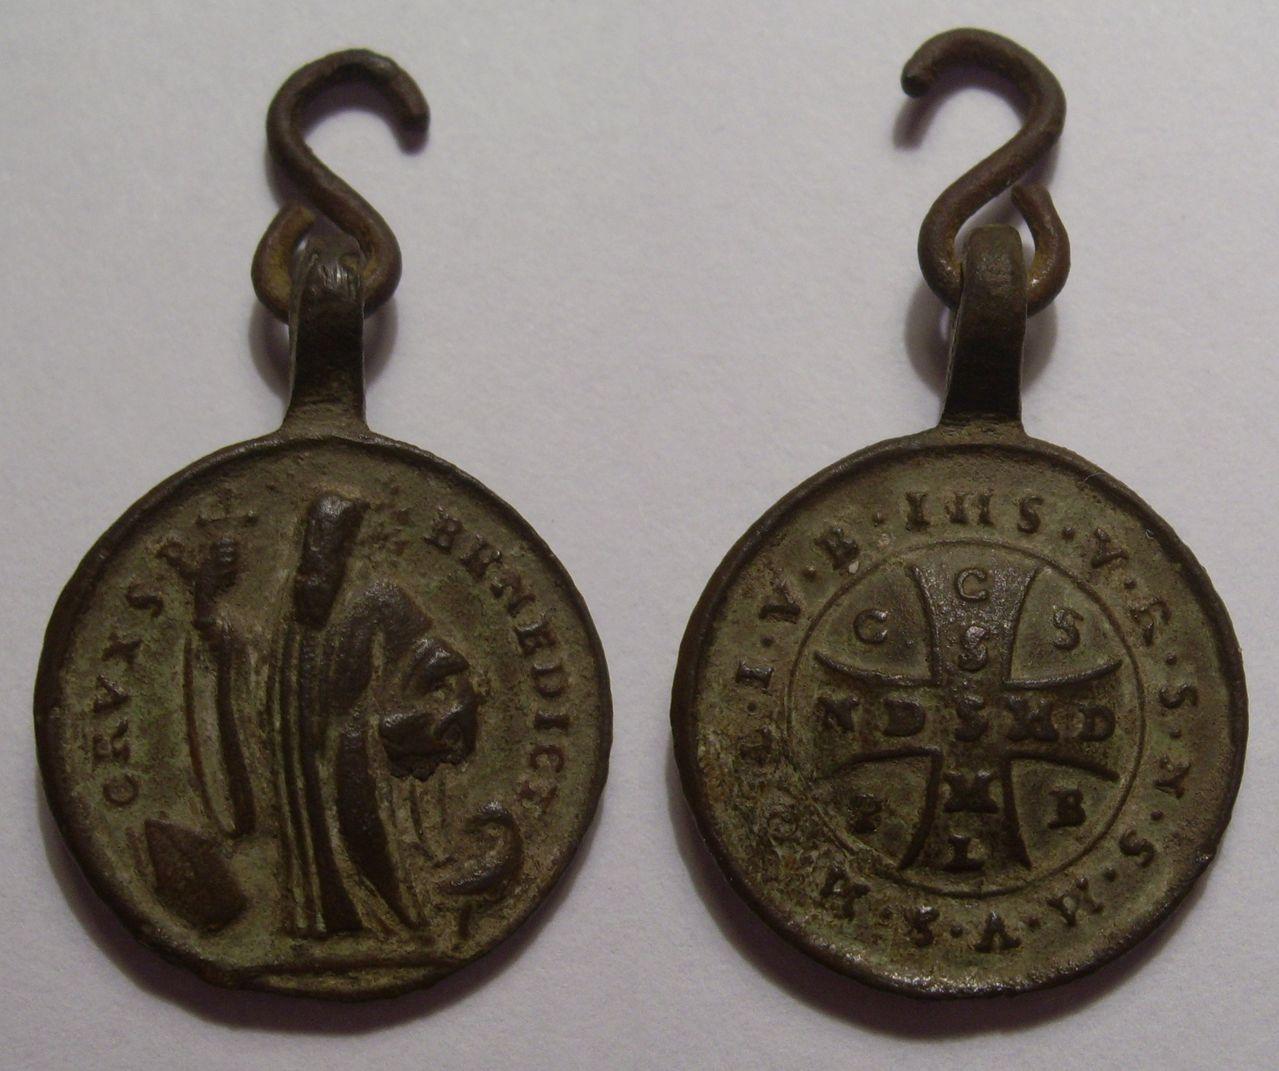 recopilación de medallas de San Benito - Página 3 Medalla_San_Benito